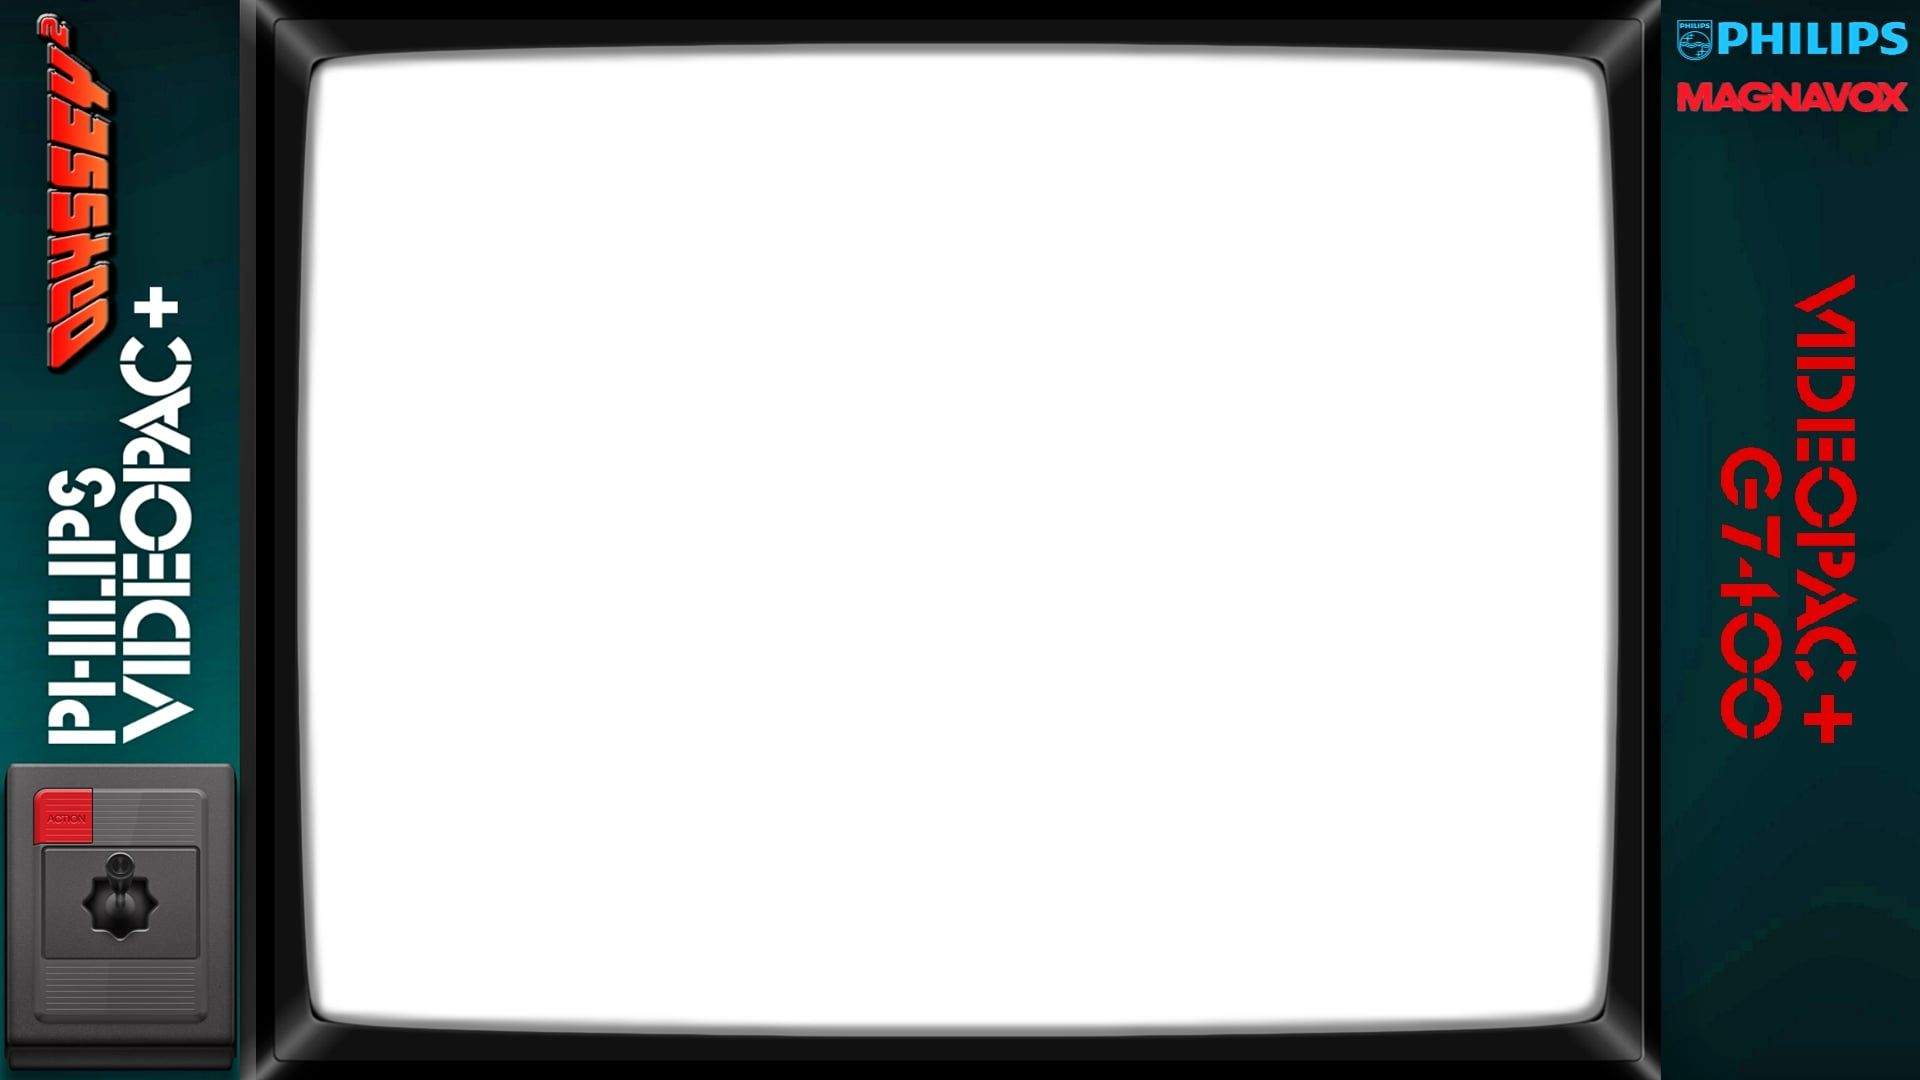 videopacplus.jpg